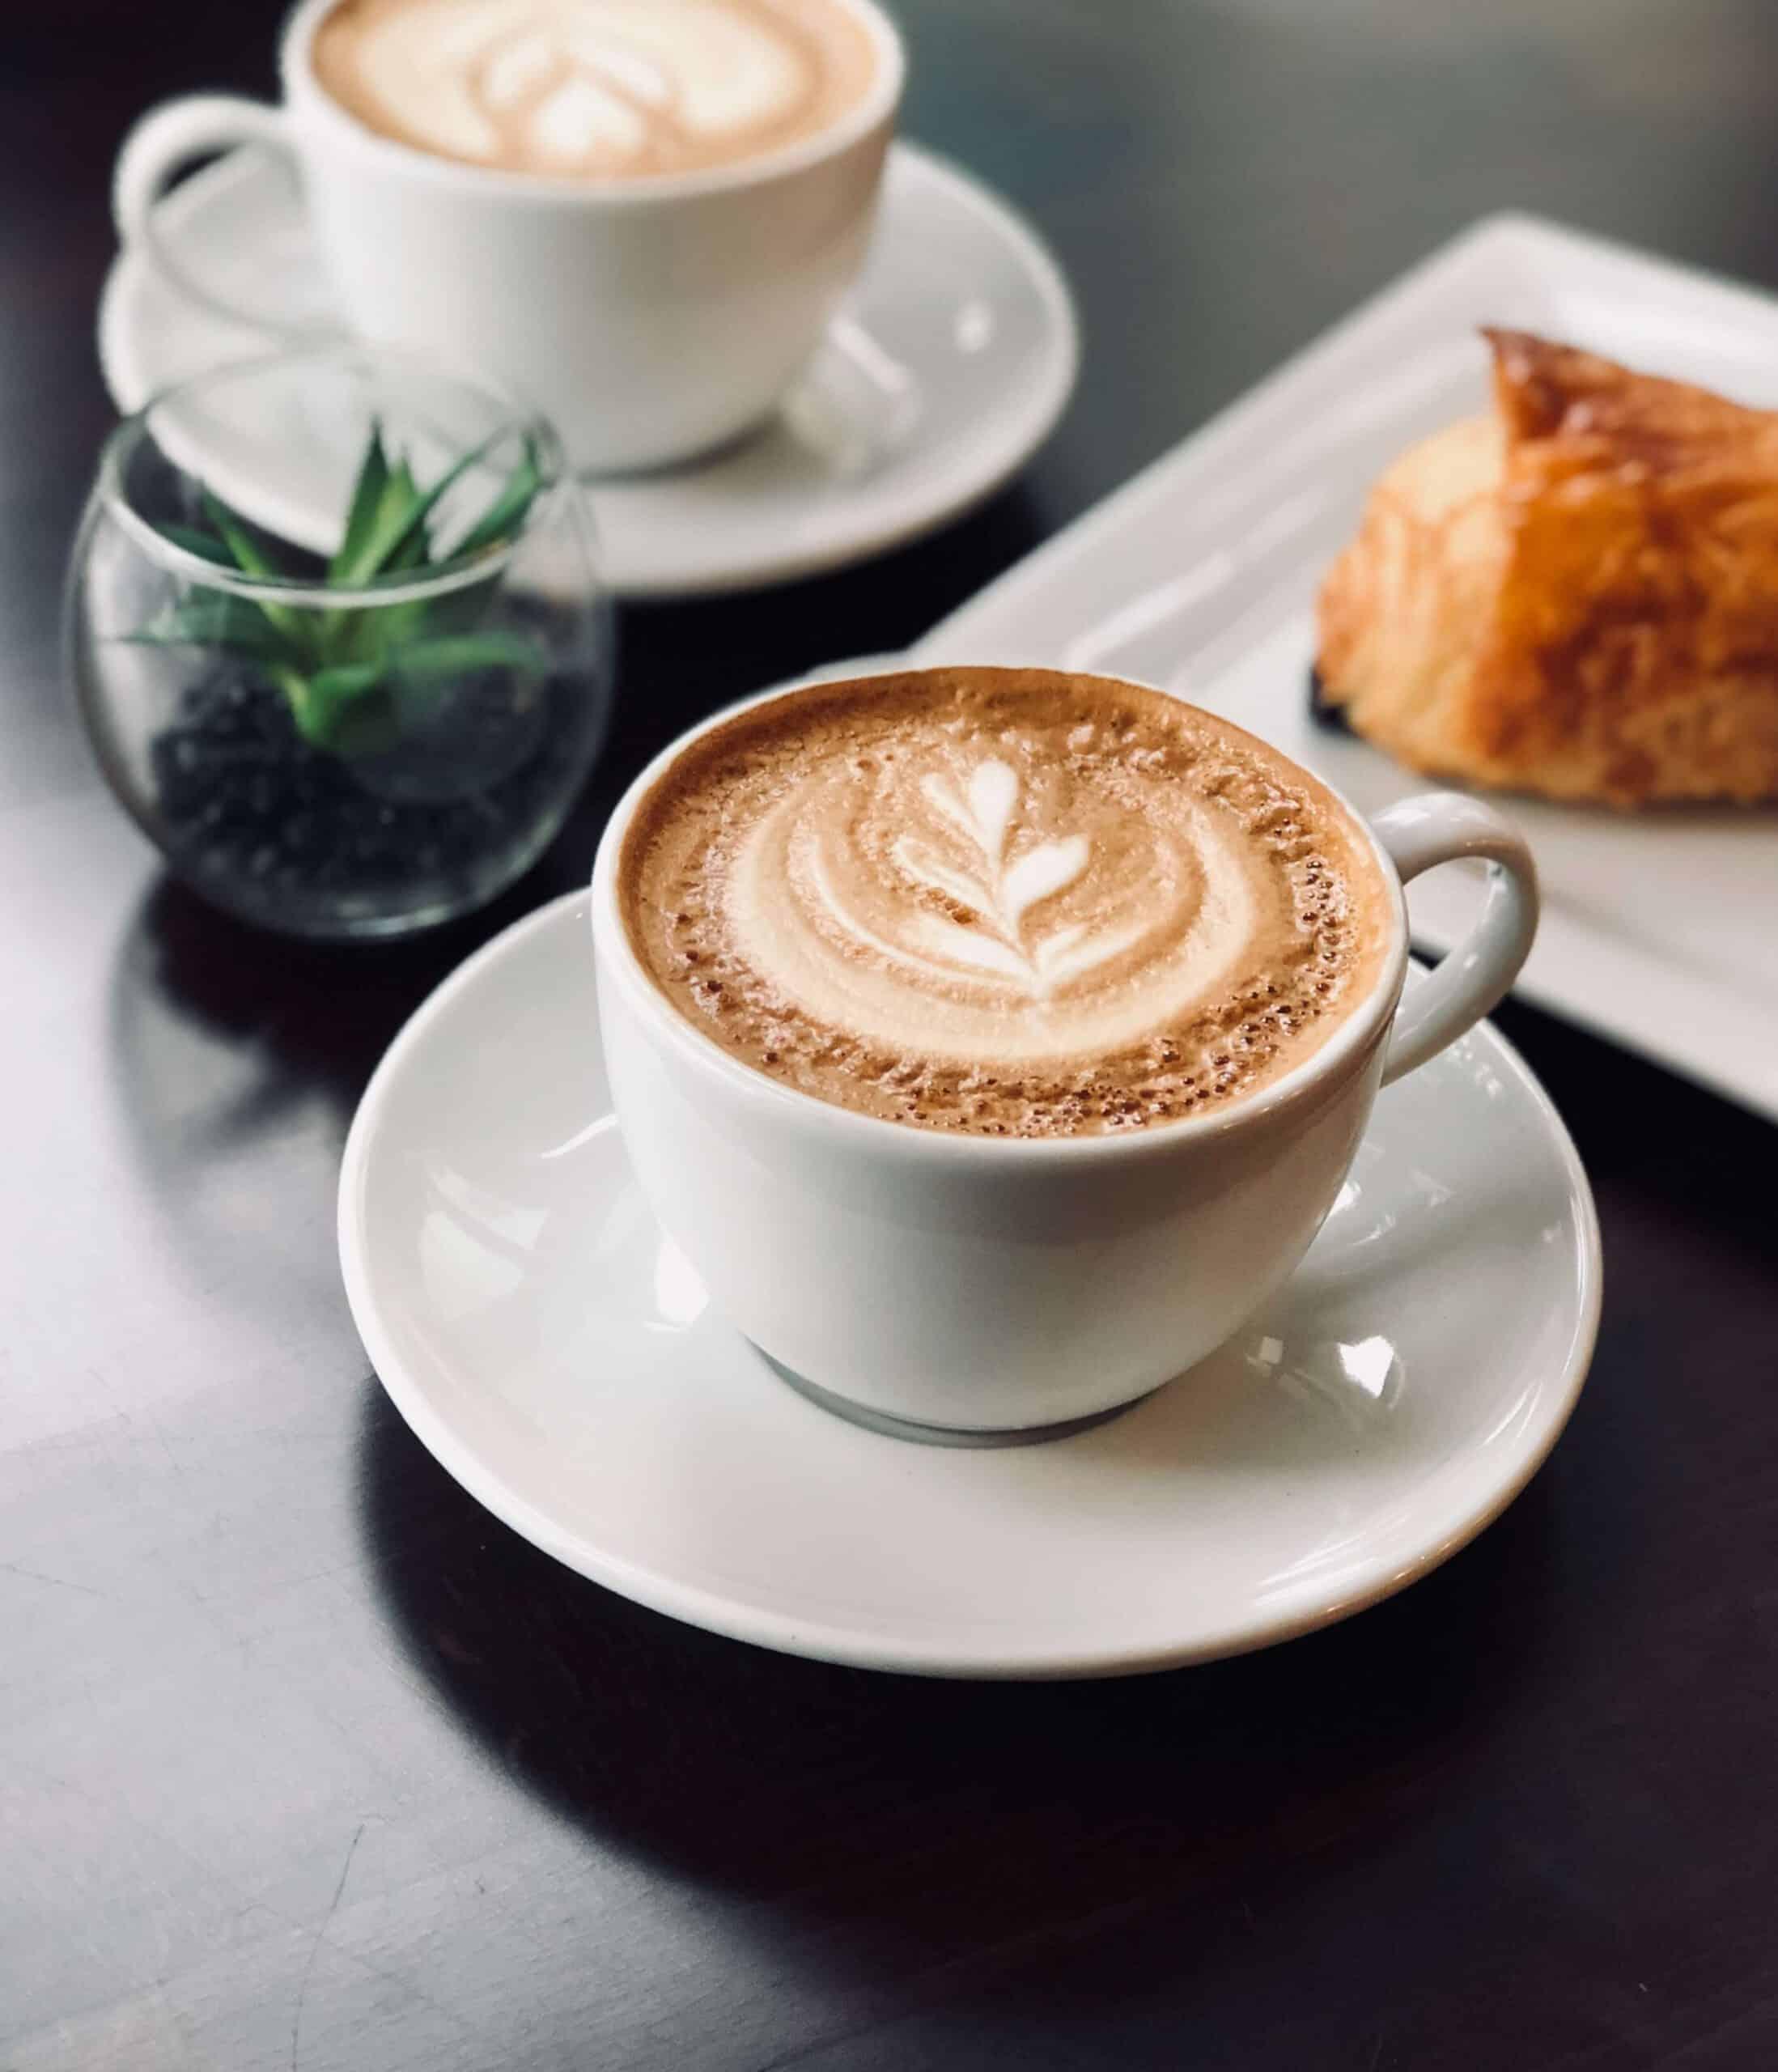 menukaart, heerlijke kop koffie en cappuccino met warme croissant